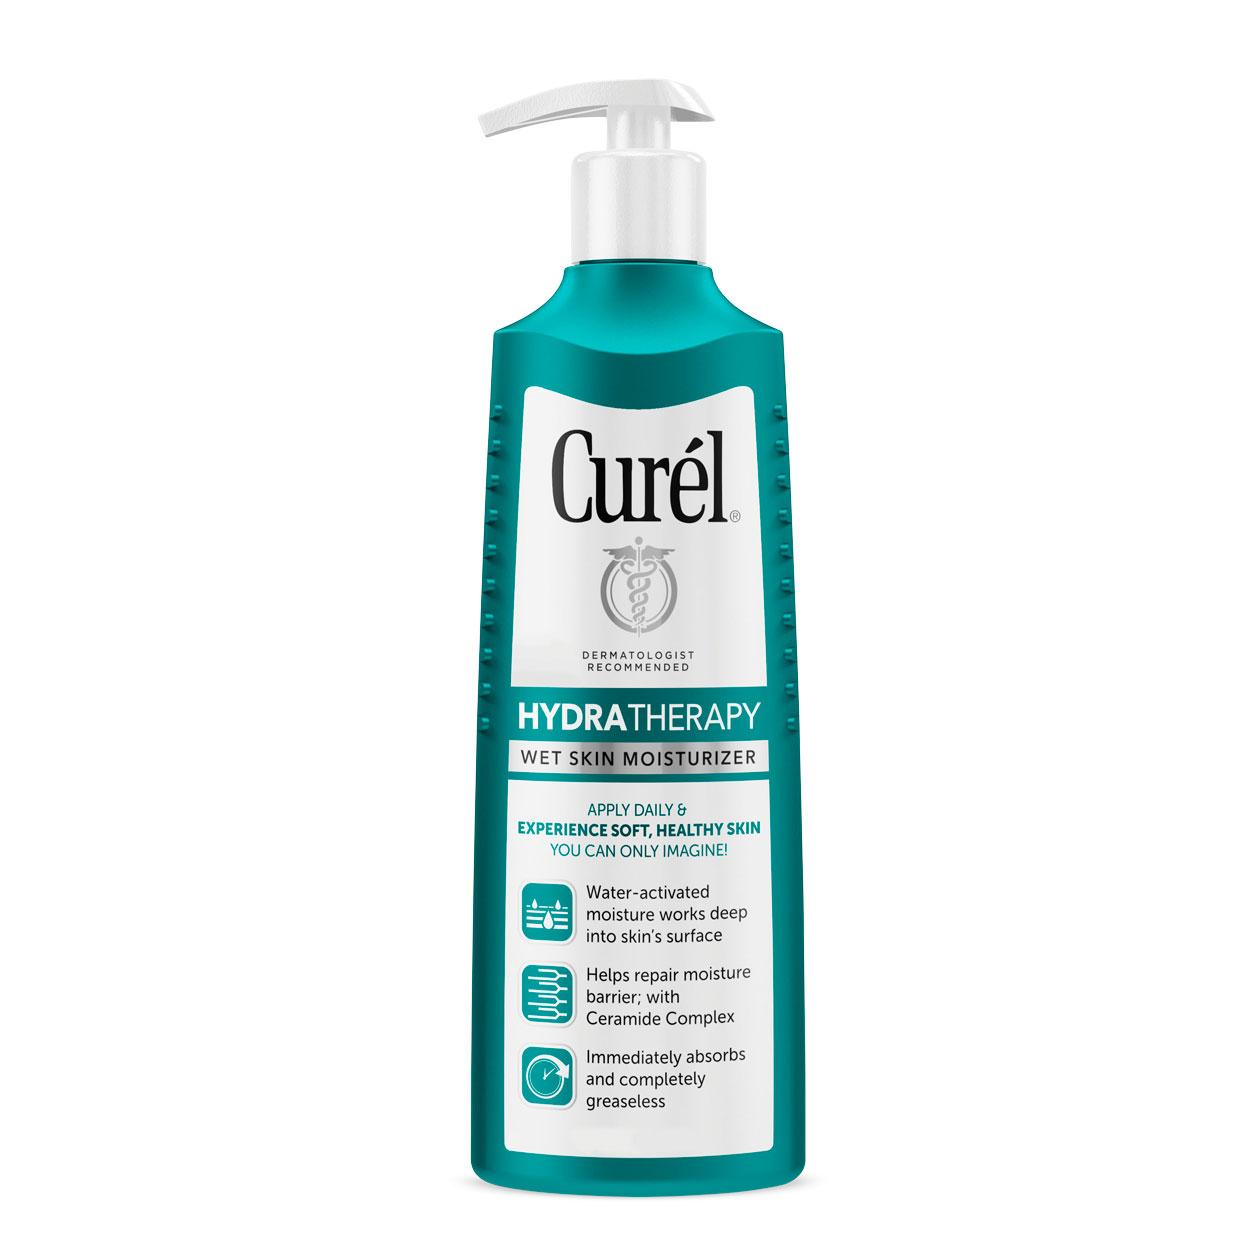 Curel HydraTherapy Wet Skin Body Moisturizer